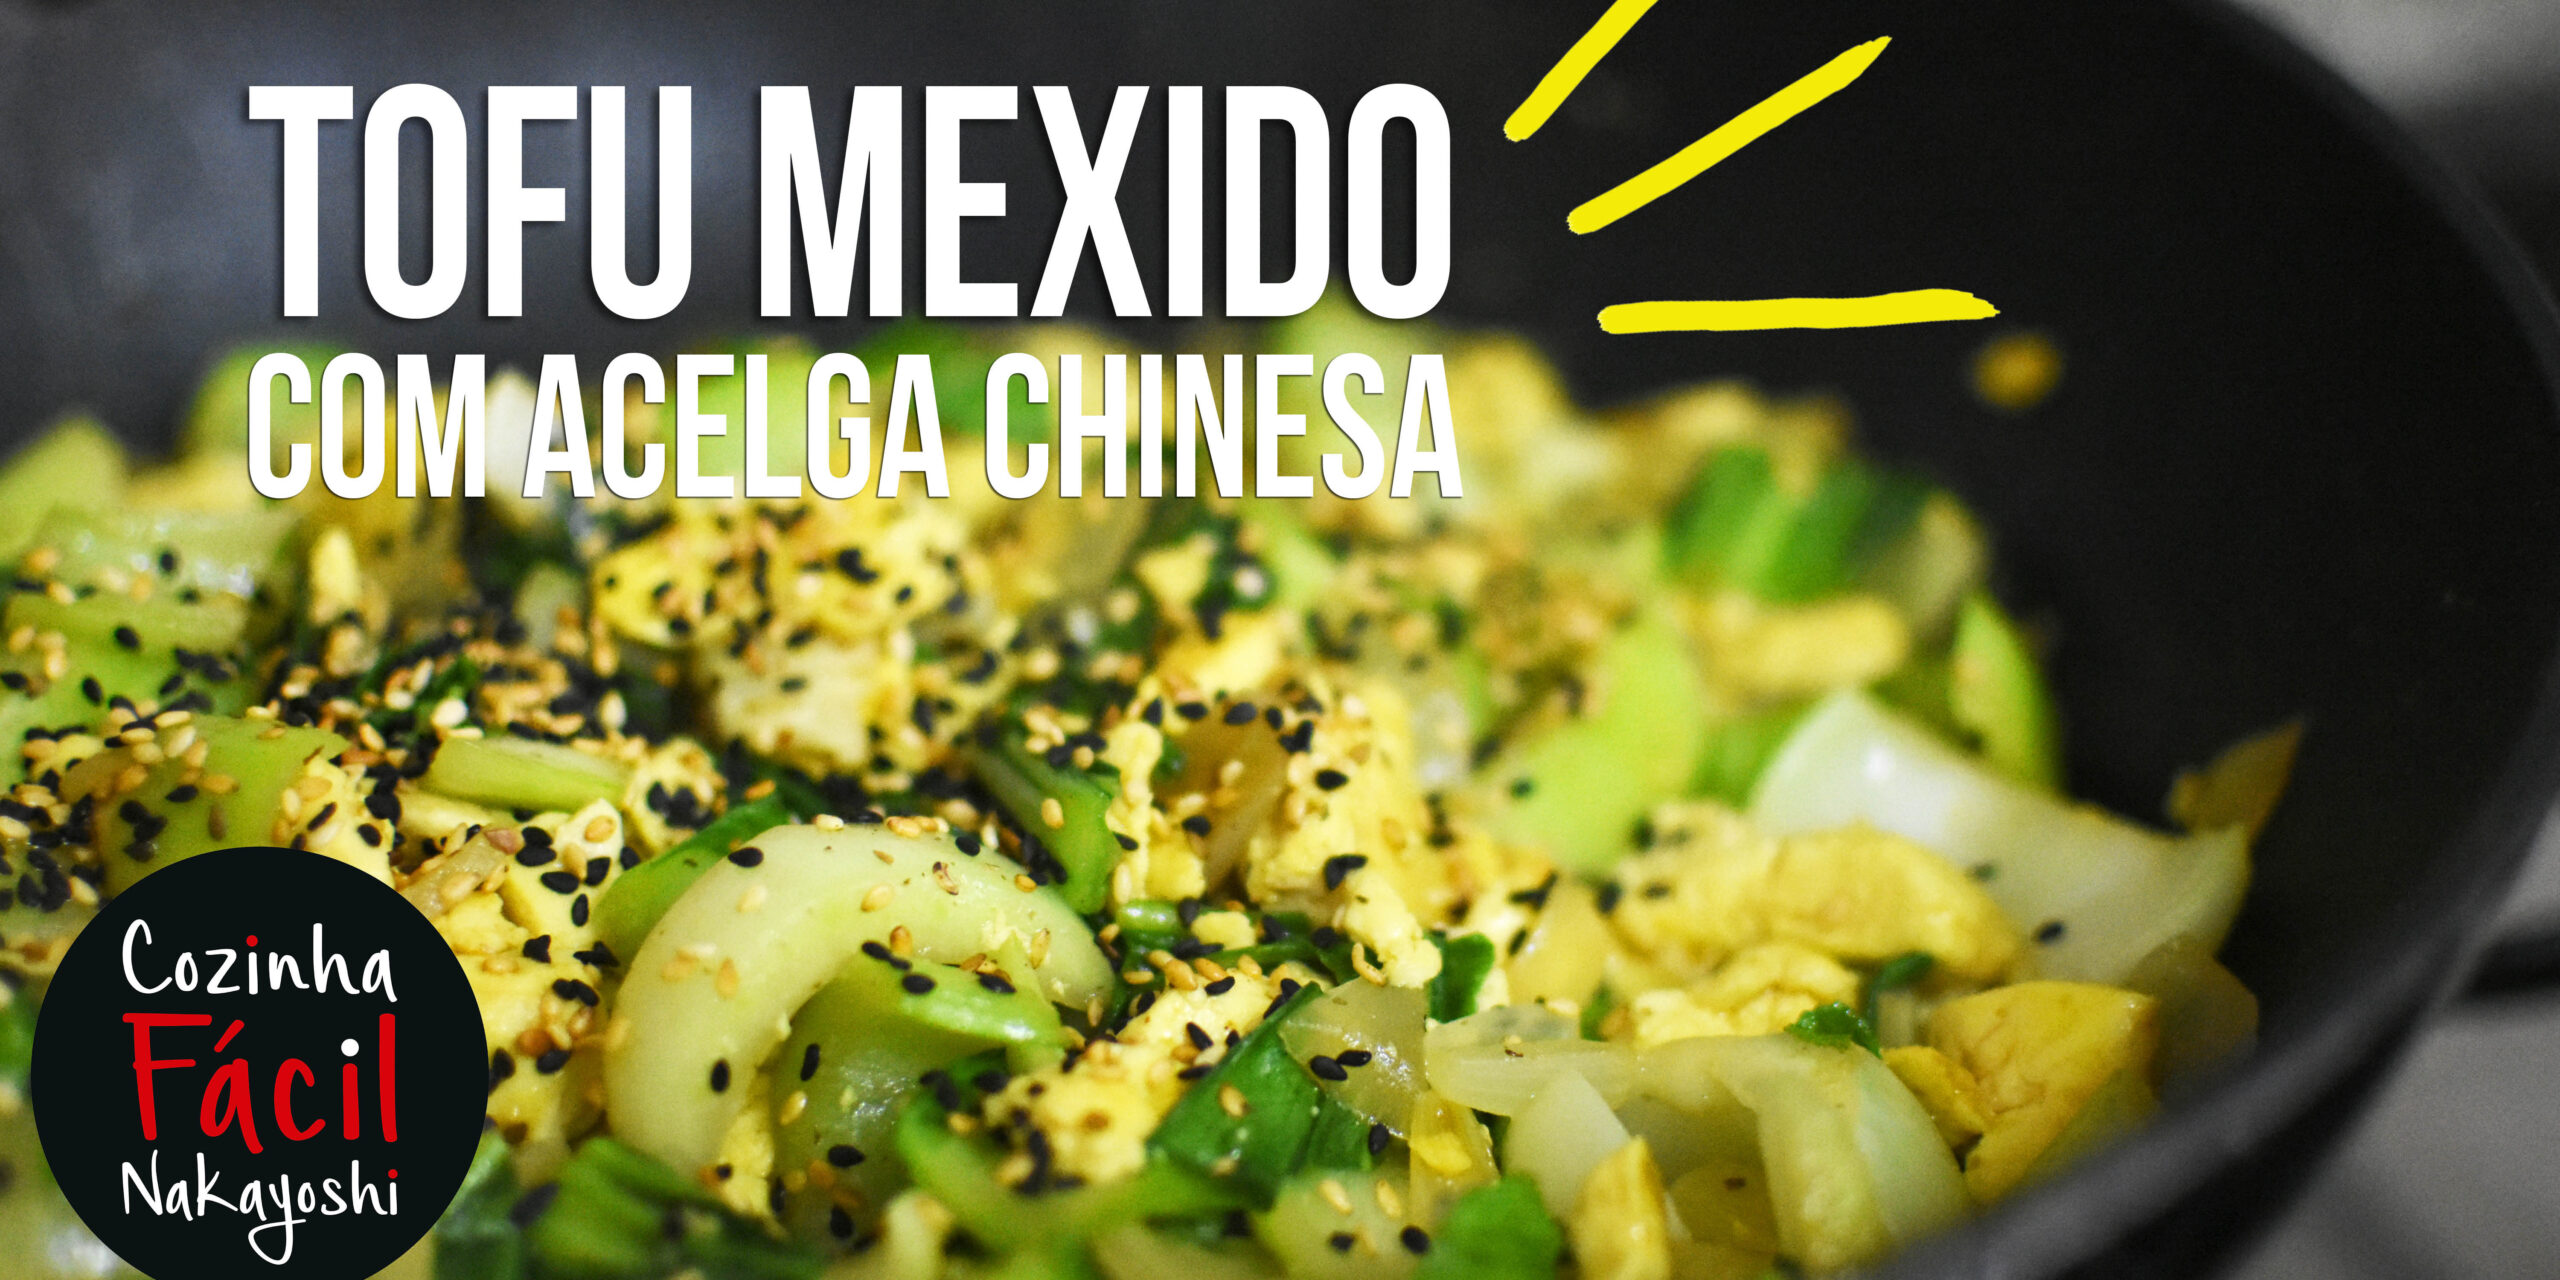 Receita: Tofu Mexido com Acelga Chinesa